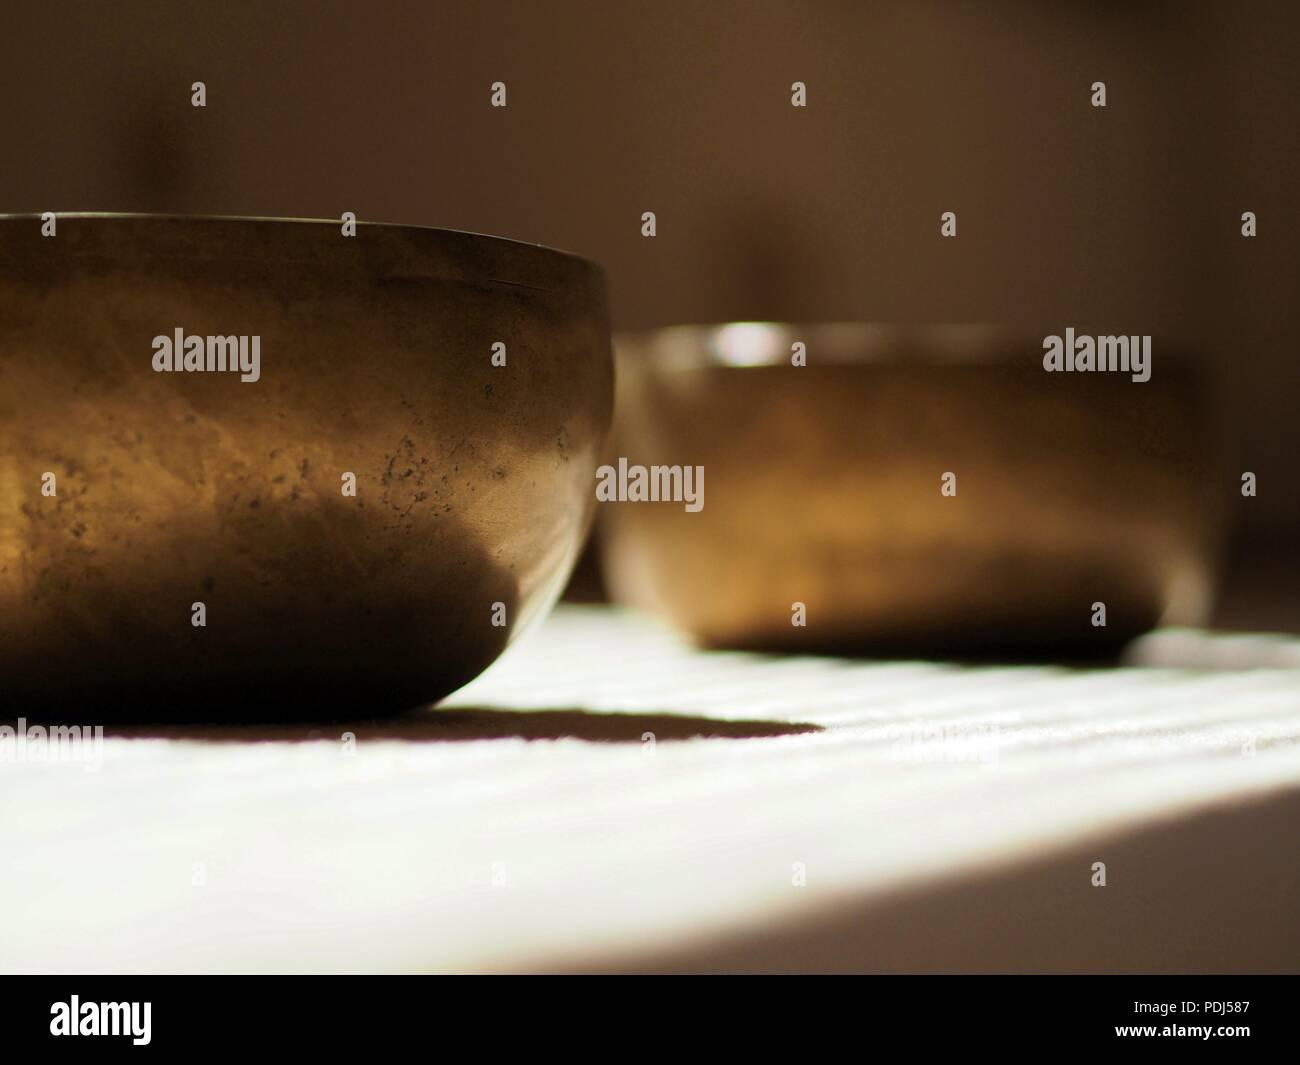 Canto cuencos de cerca para mediatation o masaje de sonido Imagen De Stock